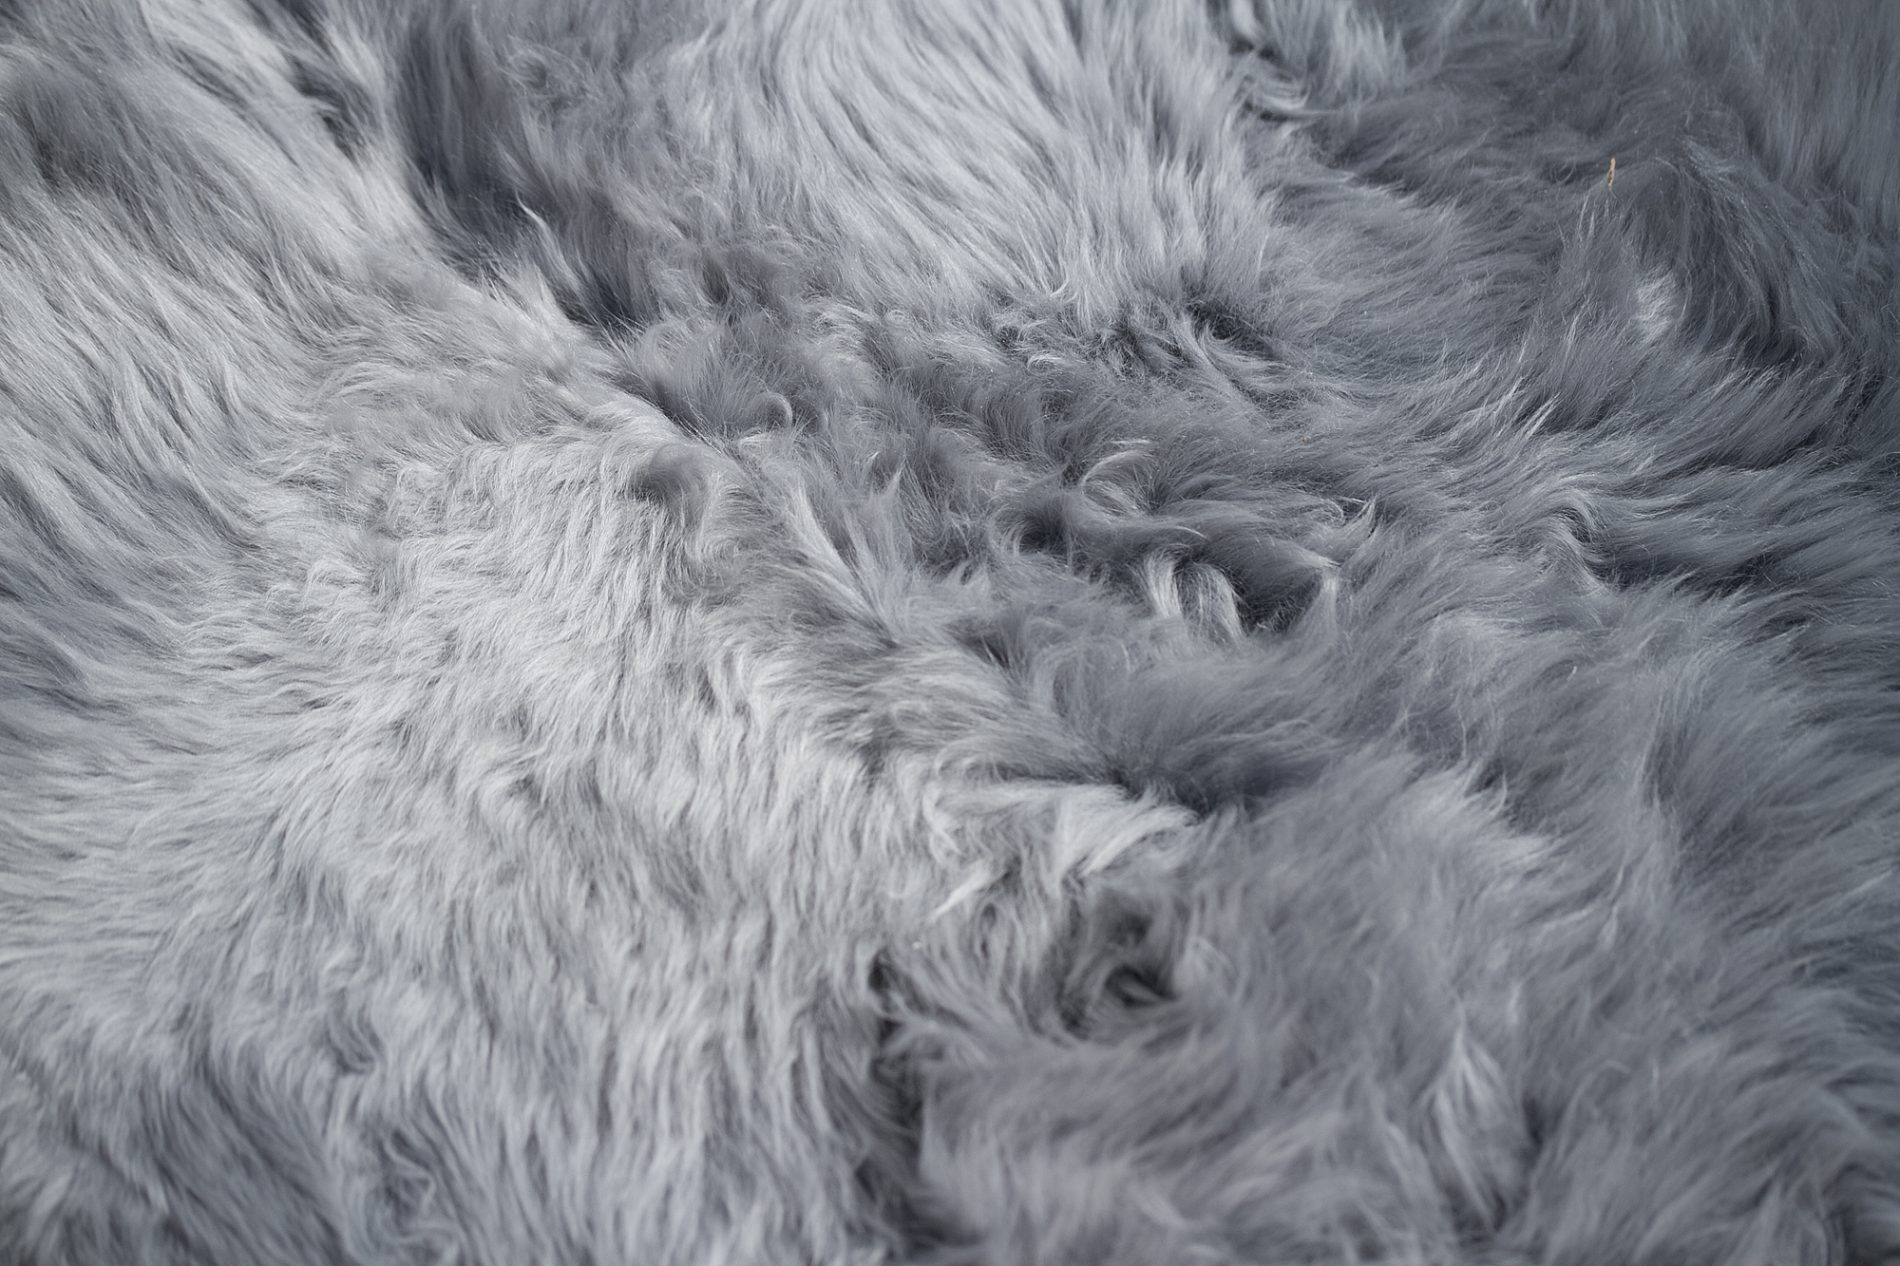 NEWZE SHEEPSKIN DOUBLE-GREY ZOOM